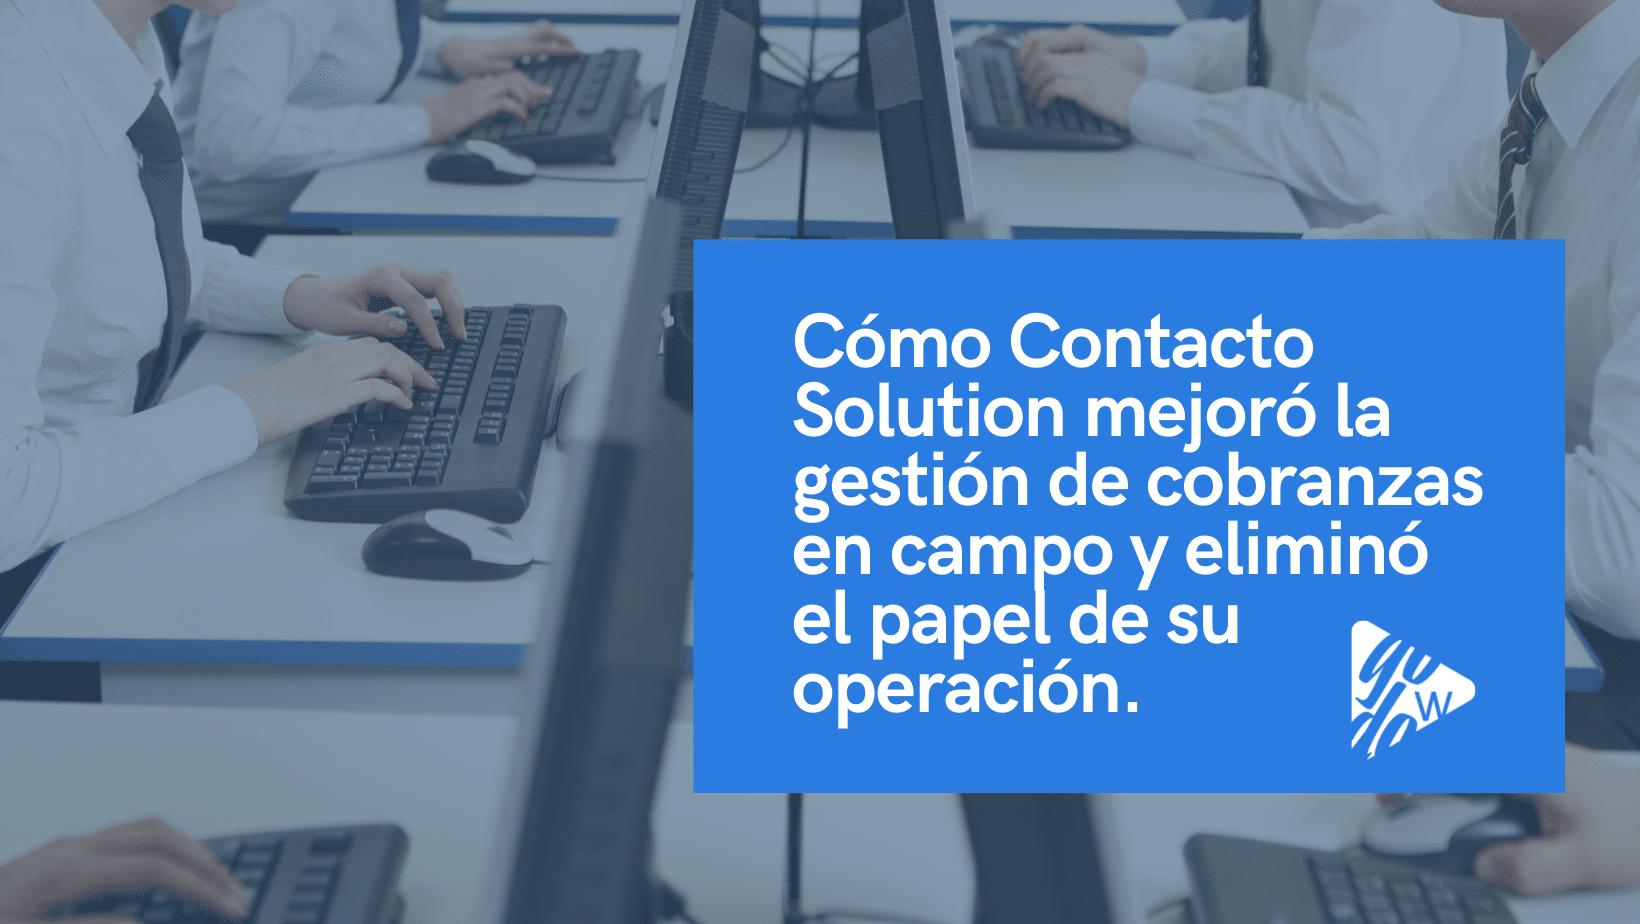 Cómo Contacto Solution mejoró la gestión de cobranzas en campo y eliminó el papel de su operación